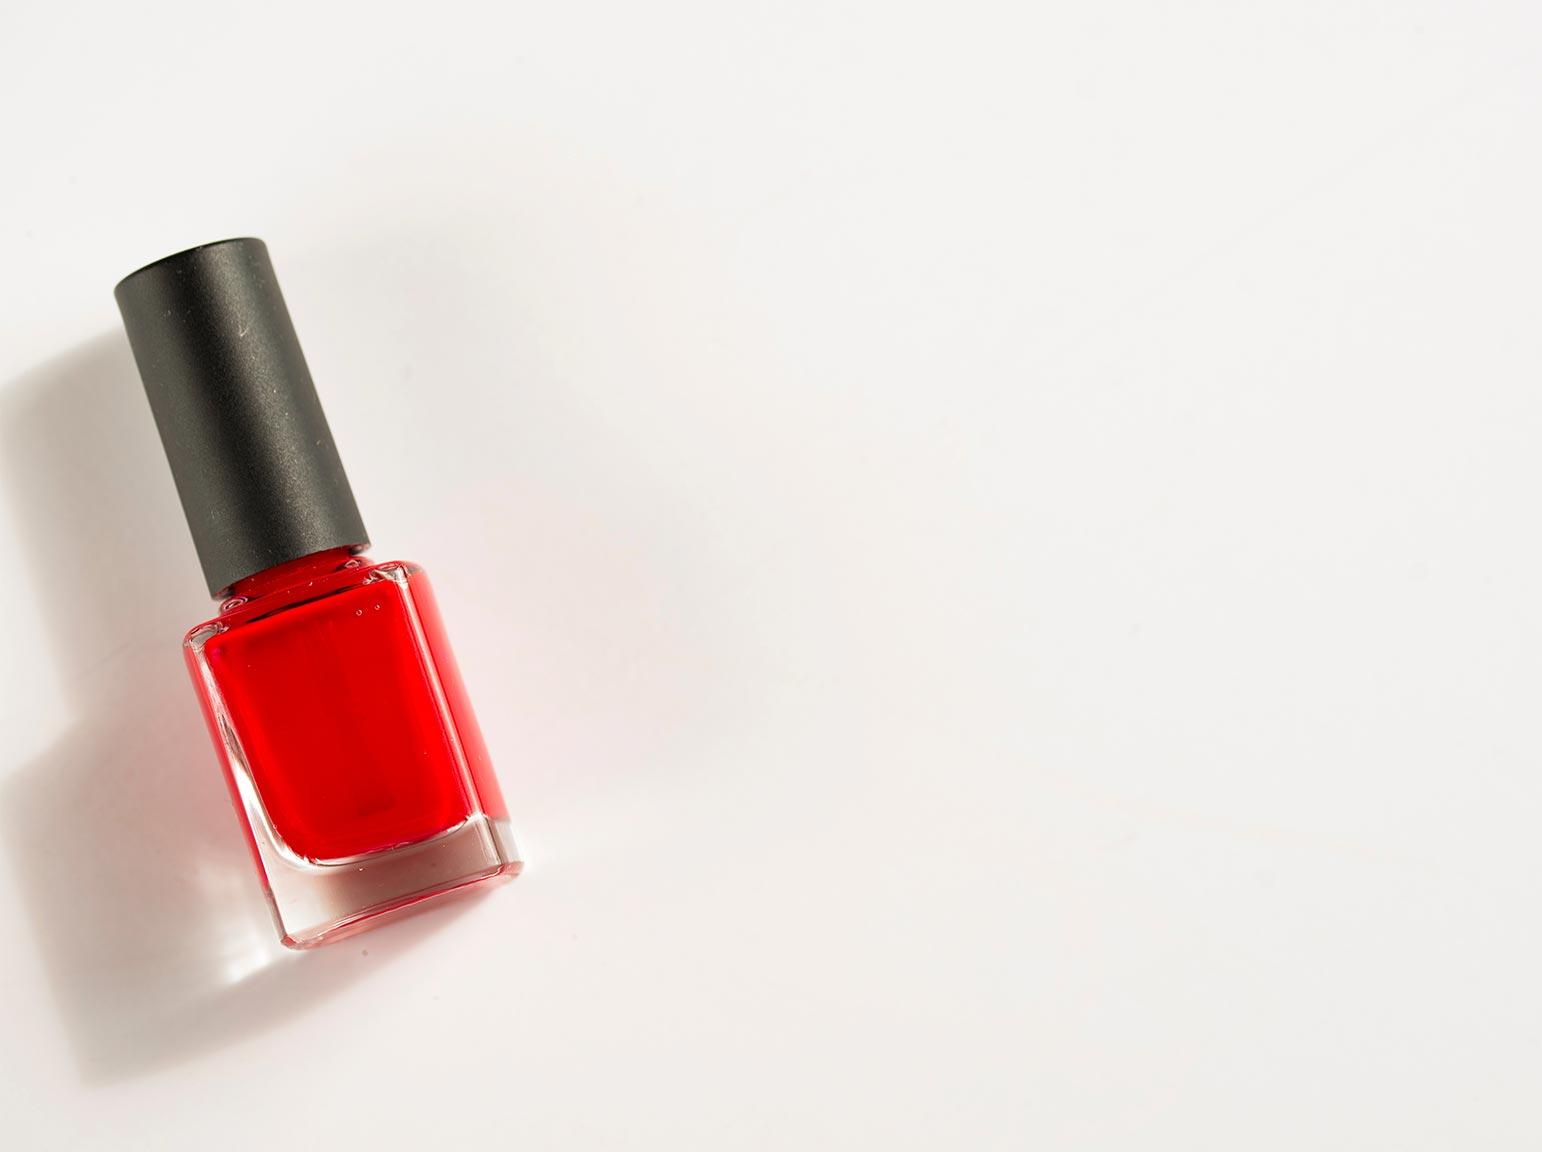 Hoe verwijder je nagellak uit kleding?